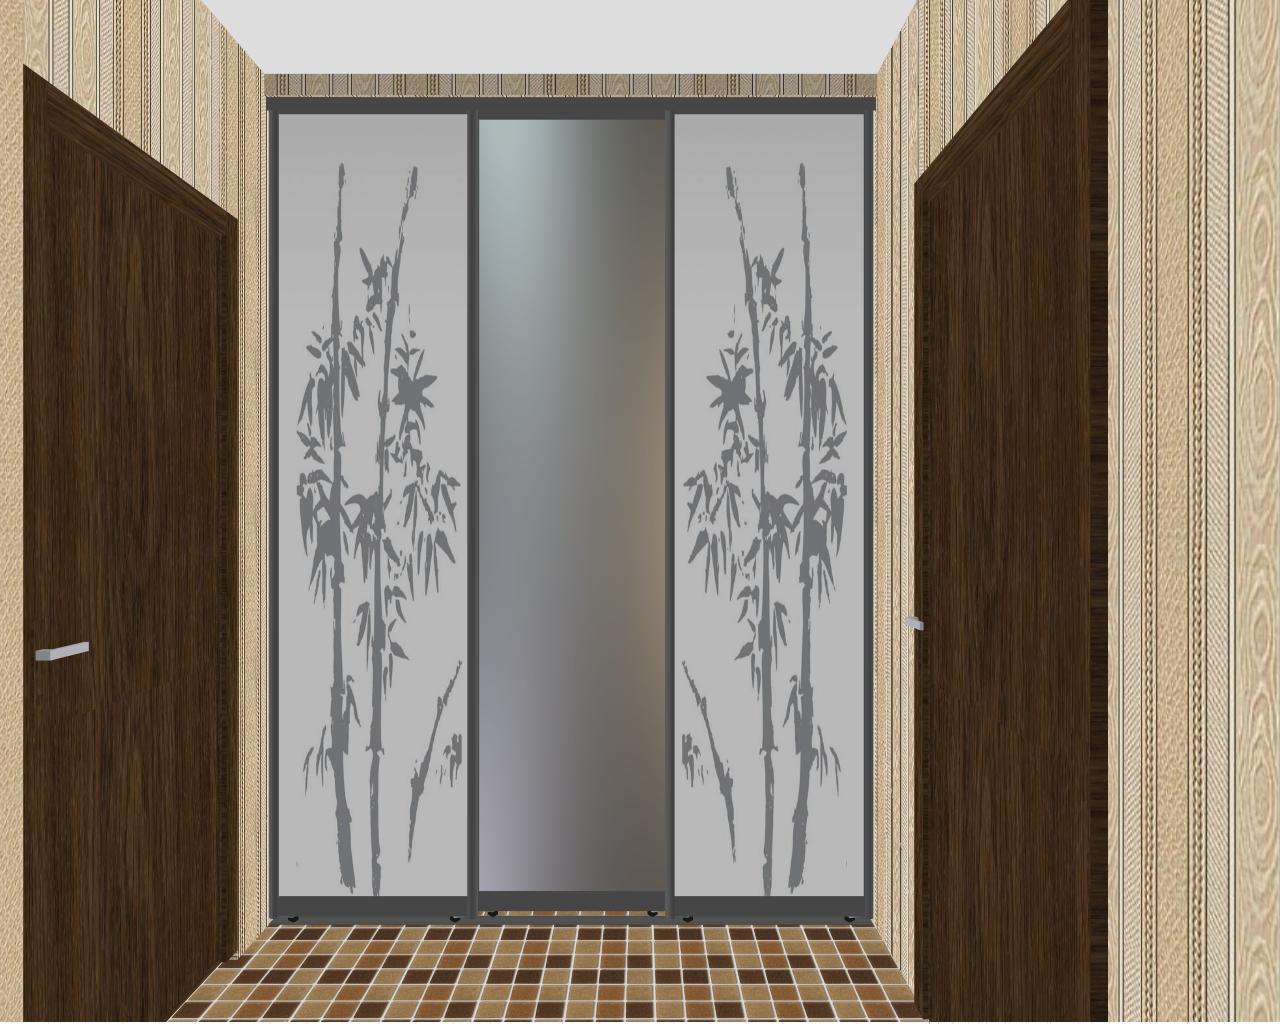 Заказать раздвижные двери-купе в гардеробную комнату цены от производителя